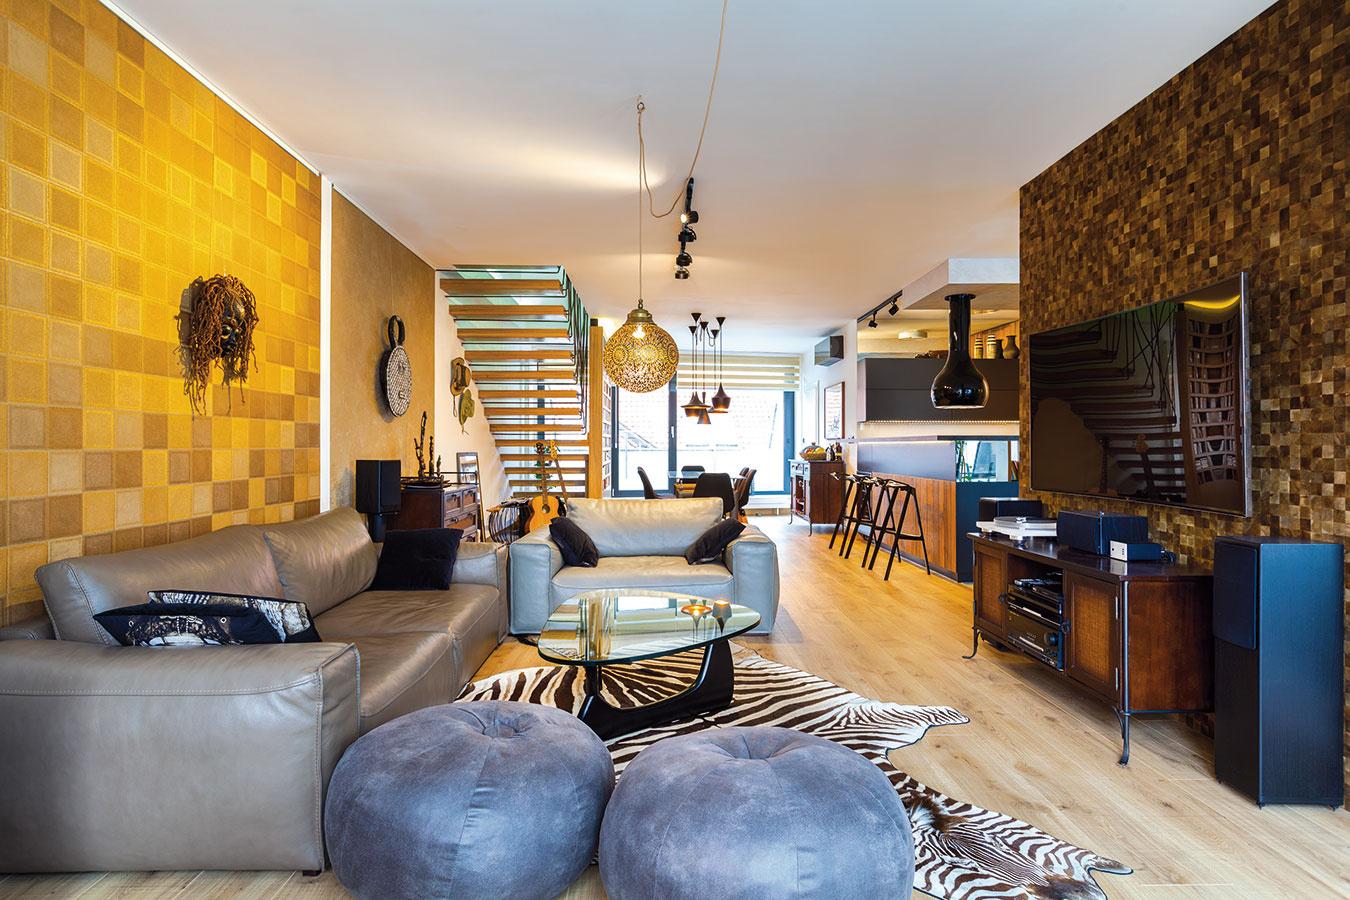 """Farba kože. Jednou znajnáročnejších úloh bolo vybaviť obývačku dostatkom sedacieho nábytku tak, aby nepôsobila zapratane. """"Chcel som, aby mal každý kus inú farbu kože, vďaka čomu nebude sedací nábytok vyzerať ako jedna veľká masa. Zároveň bolo dôležité, aby bol priestranný apohodlný aaby jeho povrch nebol chúlostivý,"""" vypočítava dizajnér požiadavky, ktoré urobili zhľadania sedačky beh na dlhú trať."""